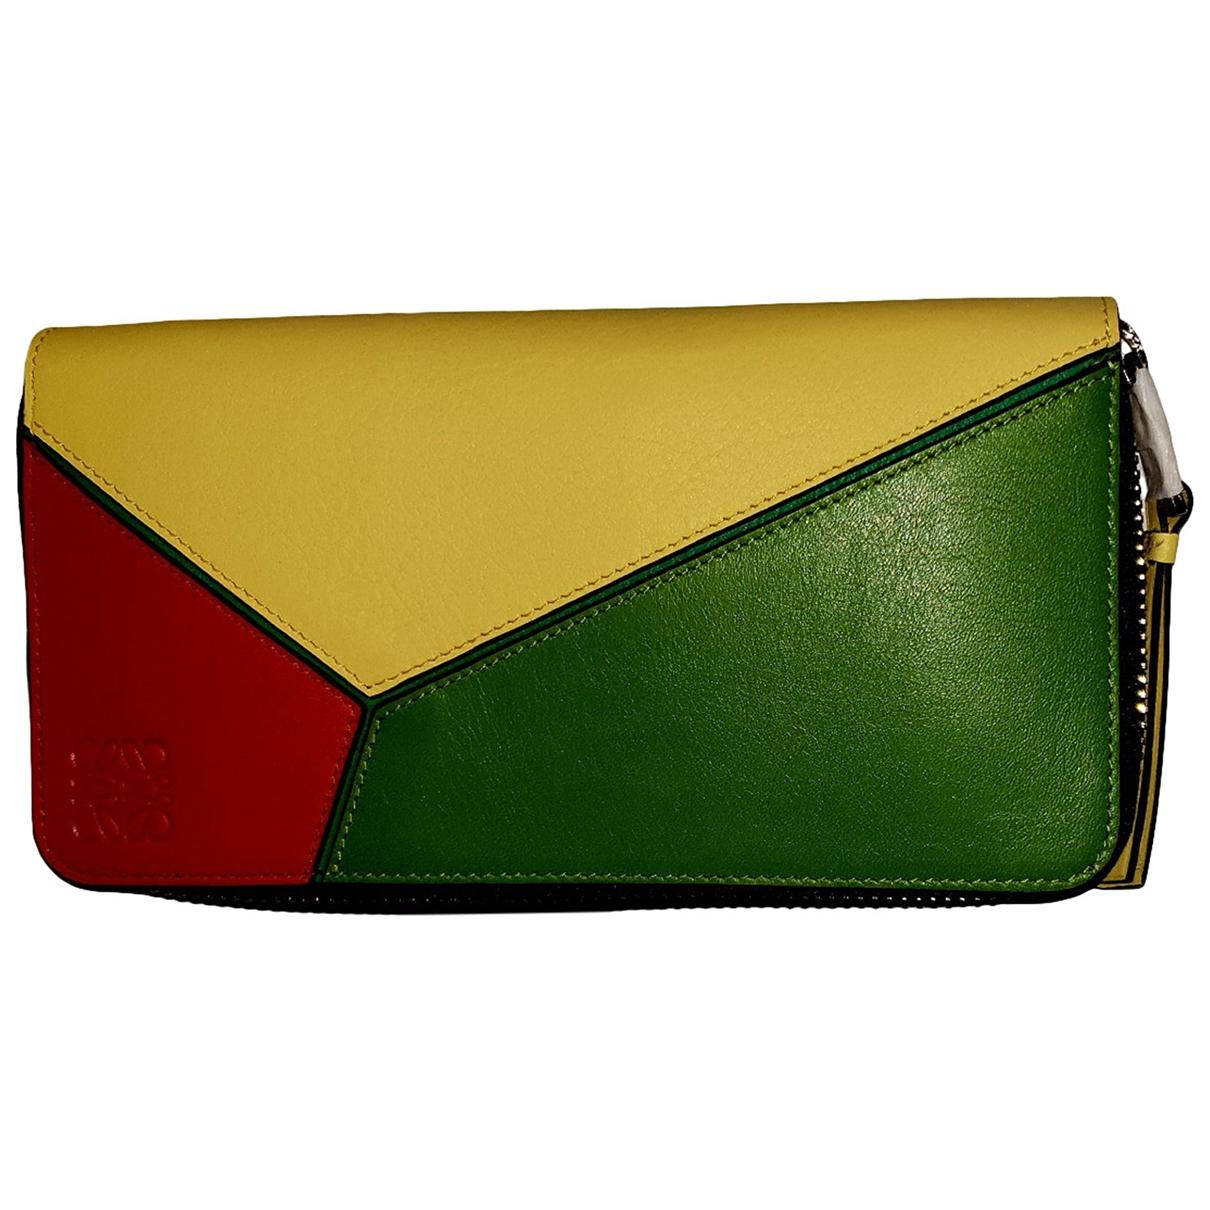 Loewe - Portefeuille   pour femme en cuir - multicolore